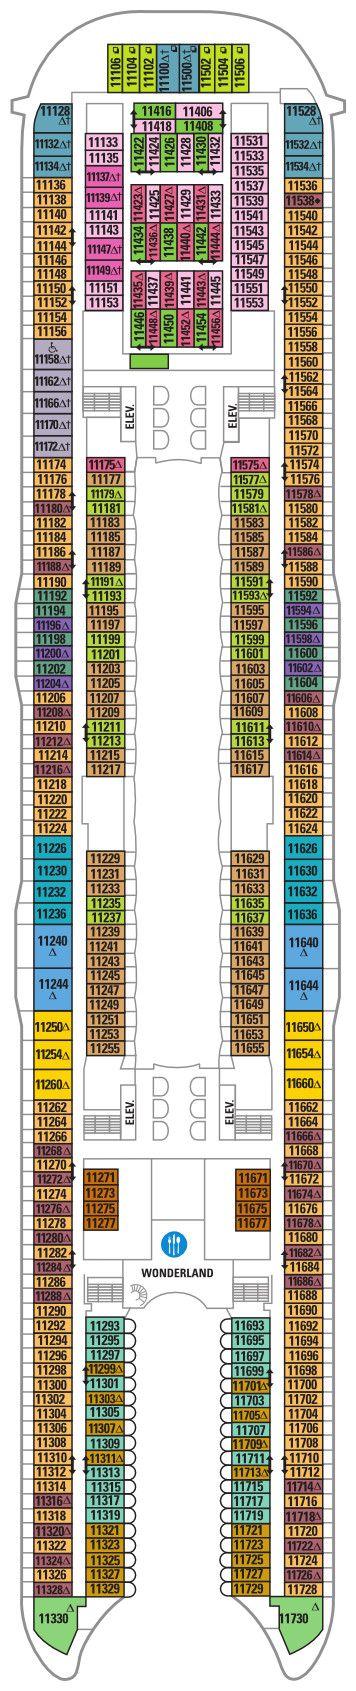 Harmony of the Seas - Deck 11